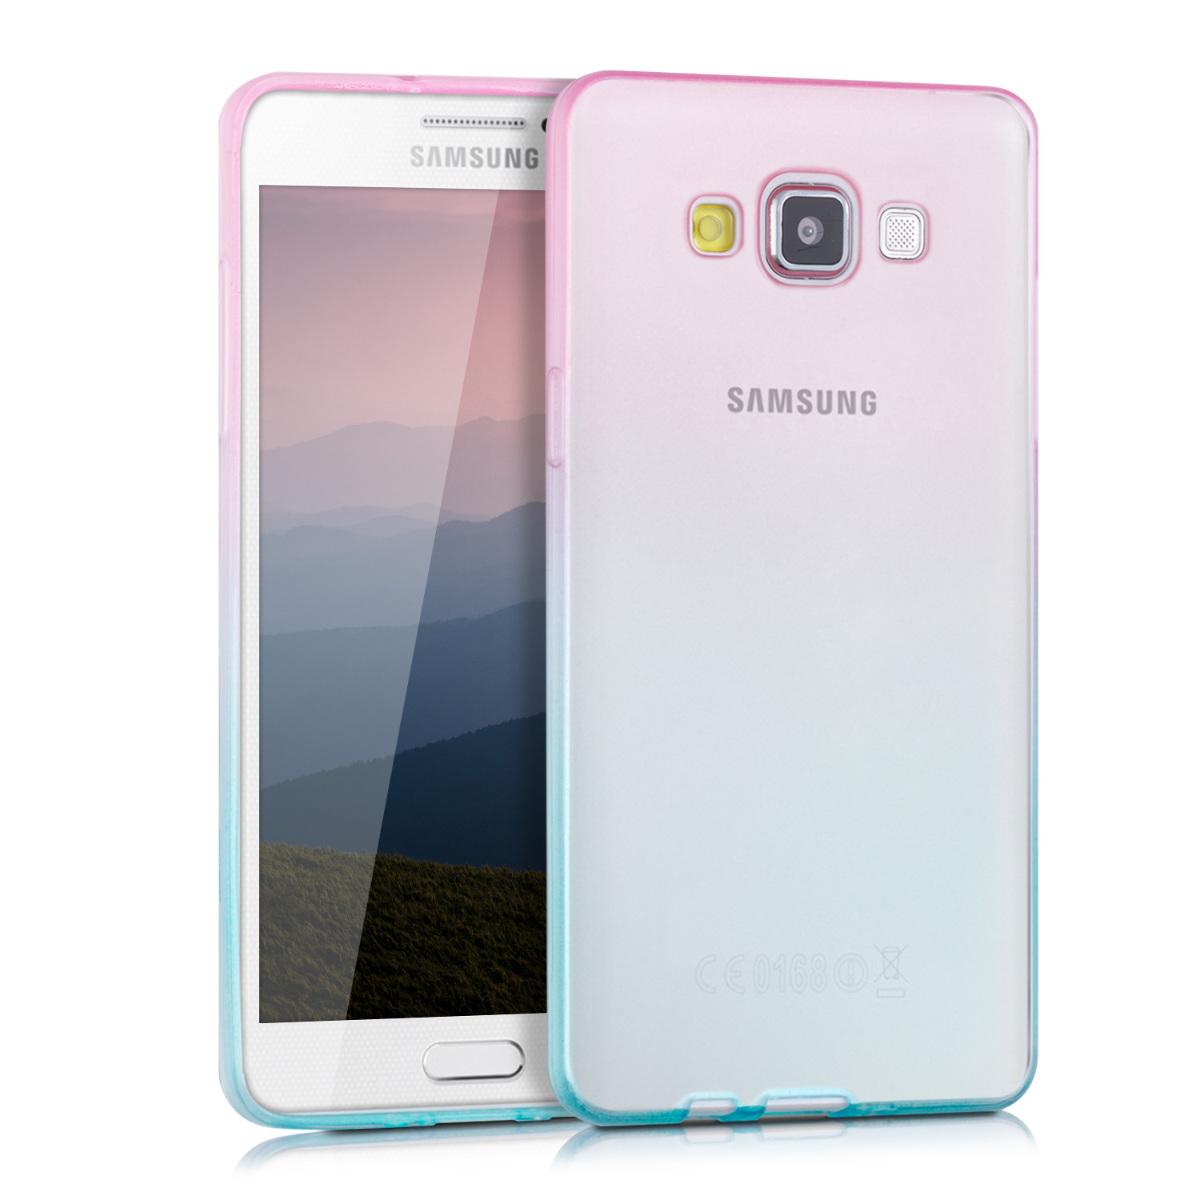 Kvalitní silikonové TPU pouzdro pro Samsung A5 (2015) - Bicolor tmavě růžová / modré matný